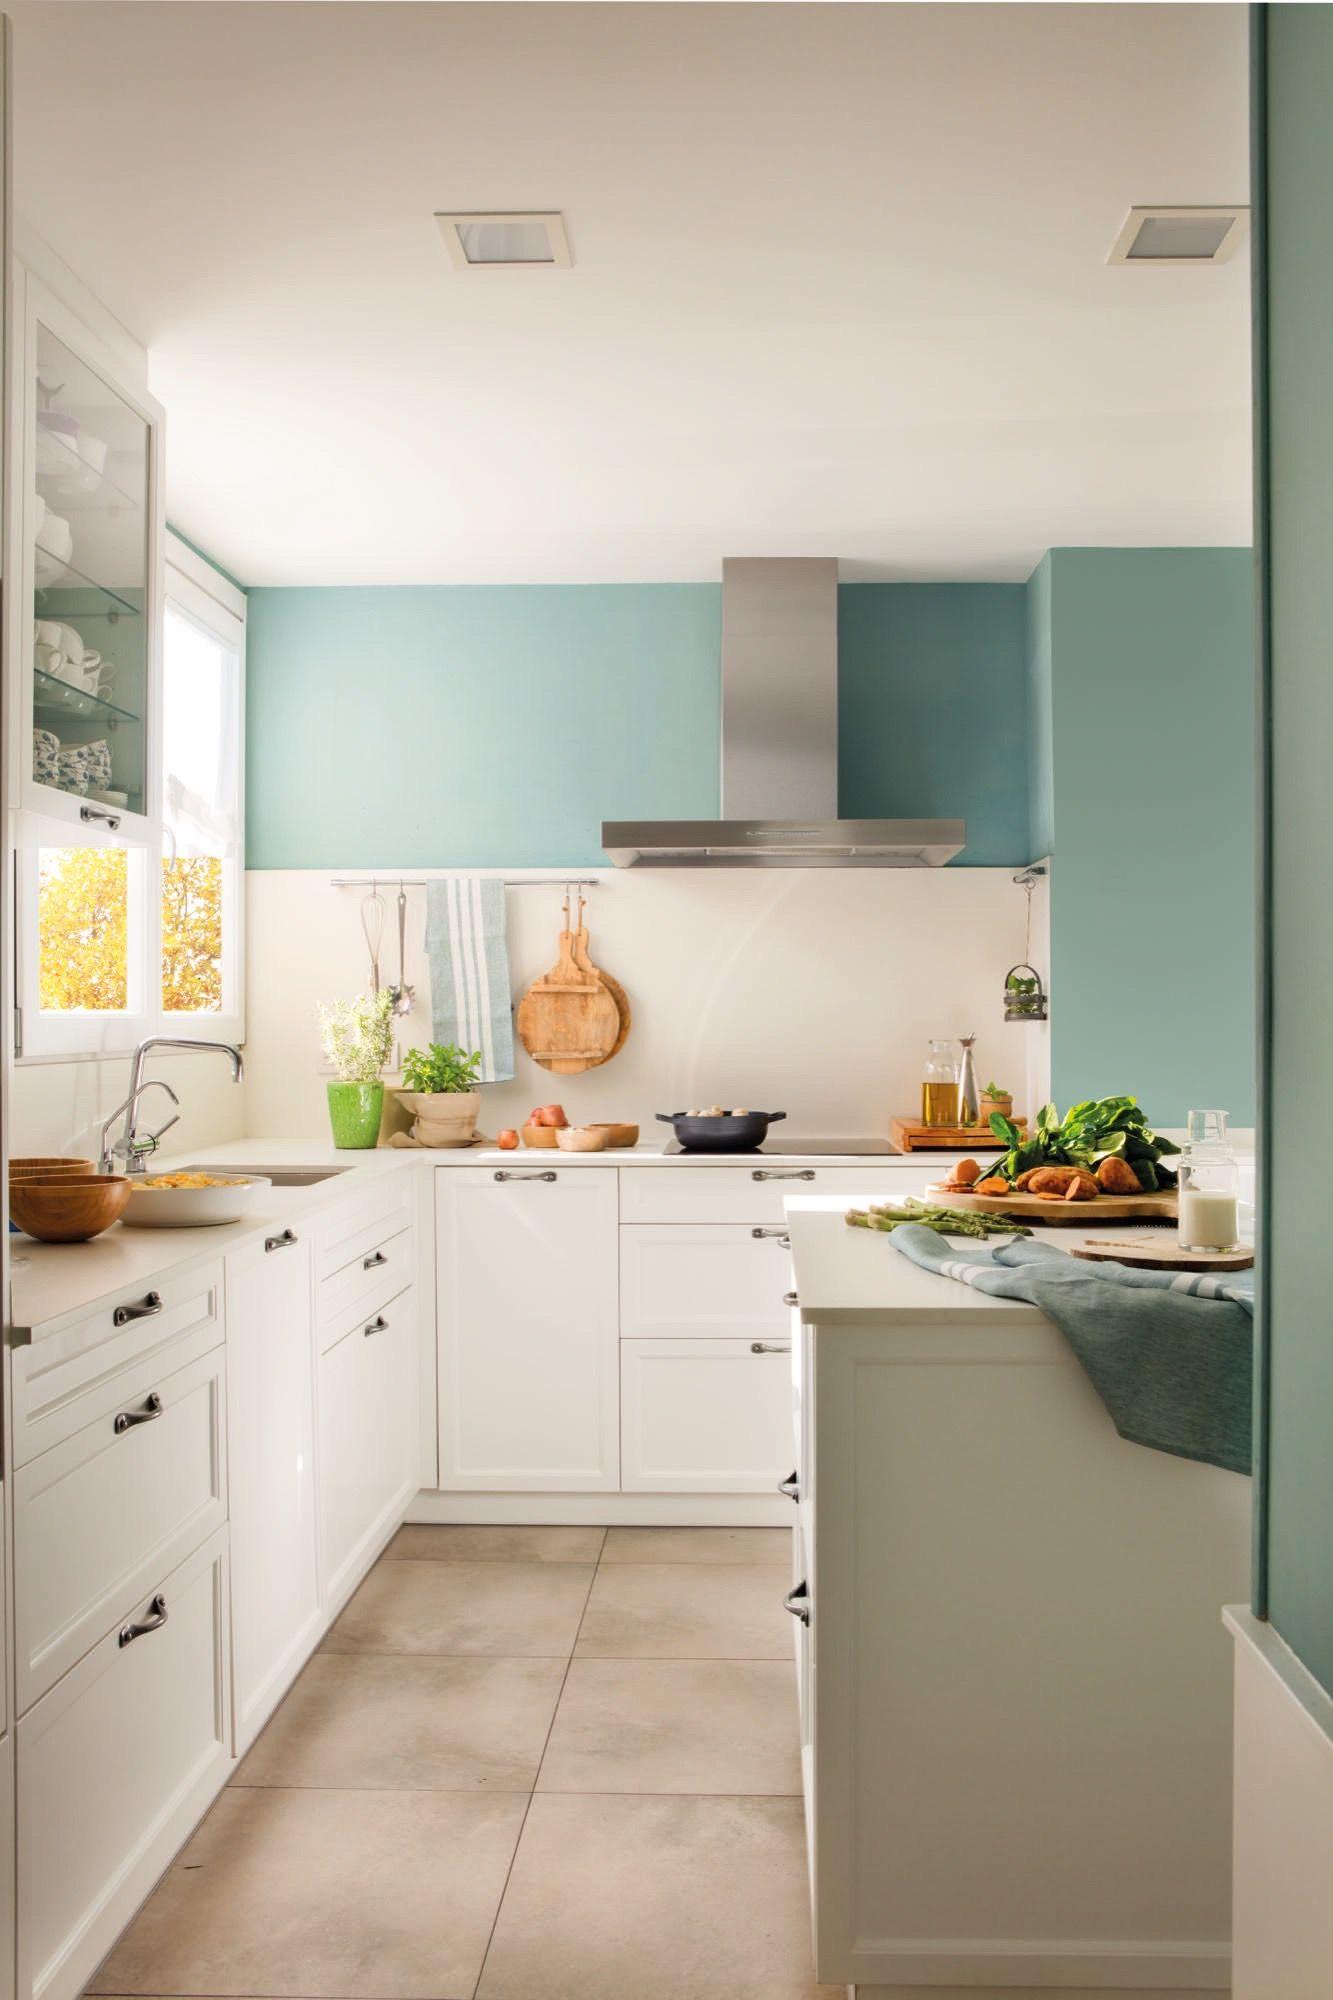 La Cocina Paredes De Cocina Colores Paredes Cocina Cocinas Blancas